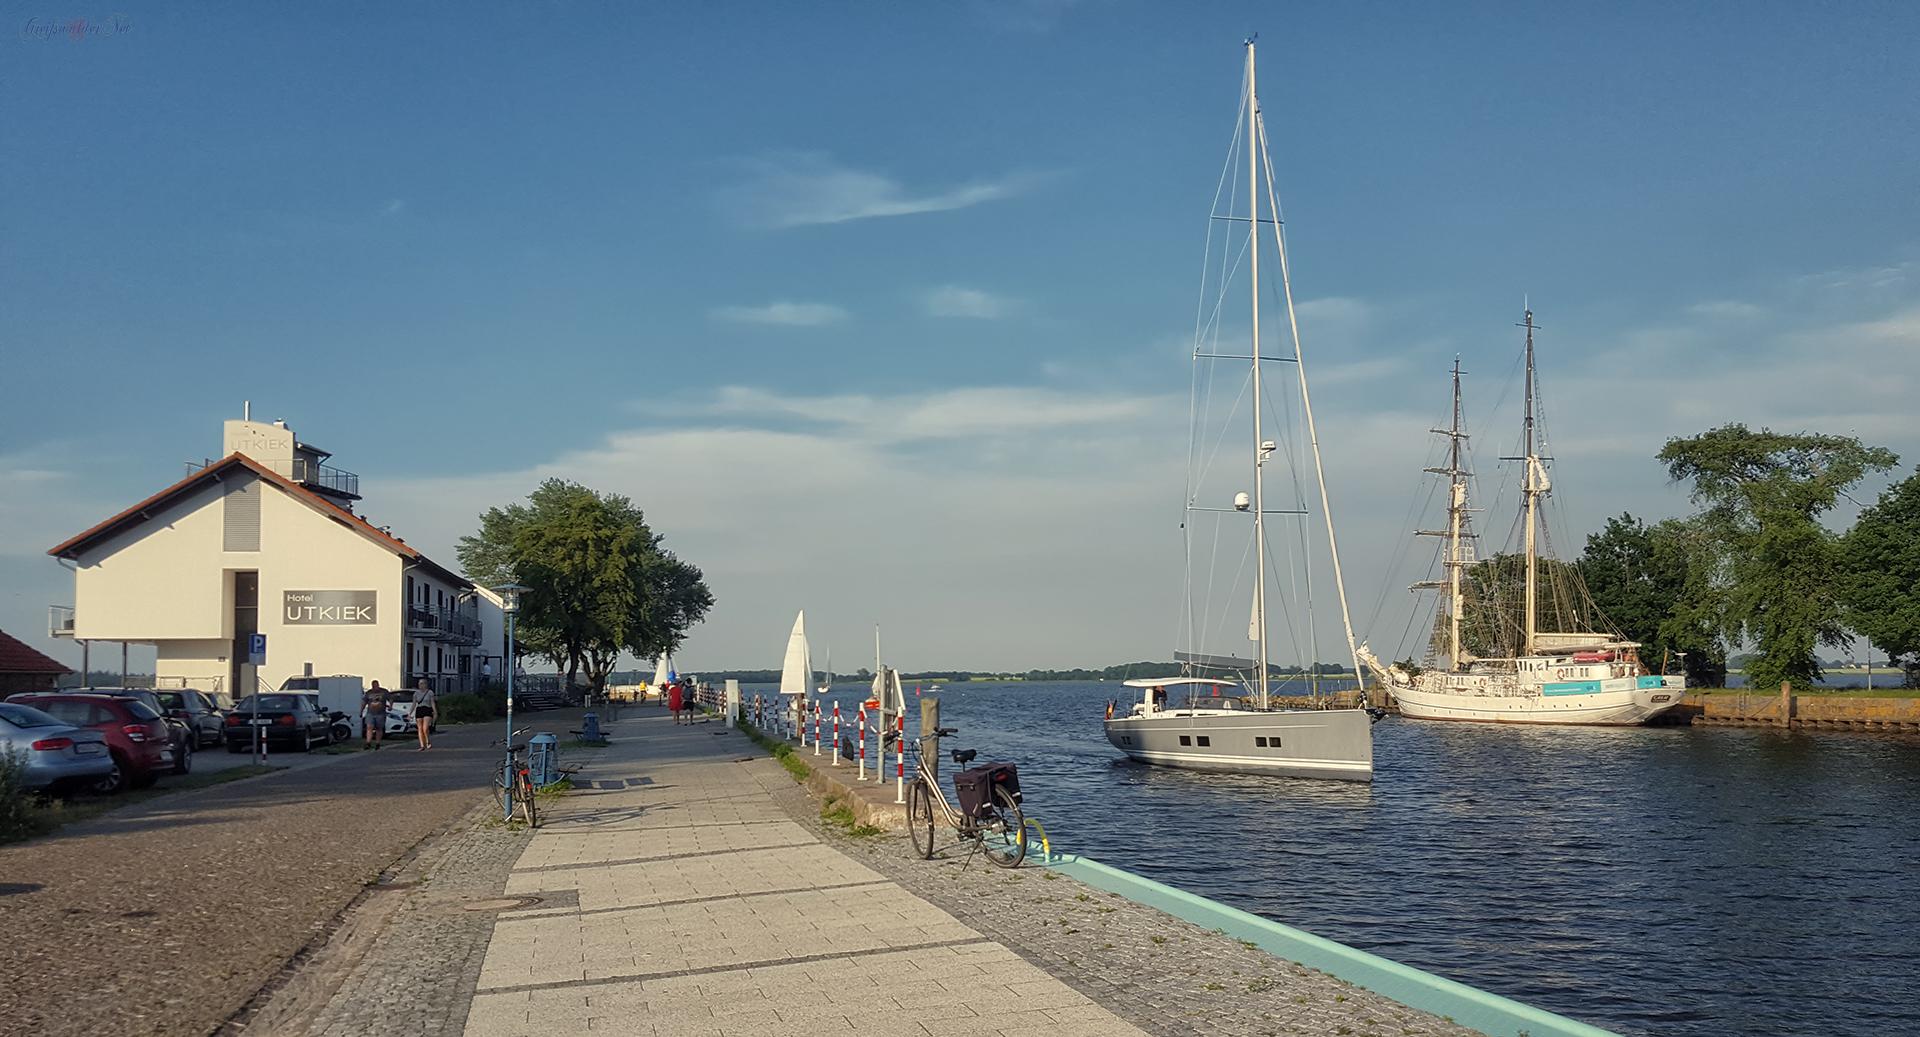 Hotel & Restaurant Utkiek in Greifswald-Wieck